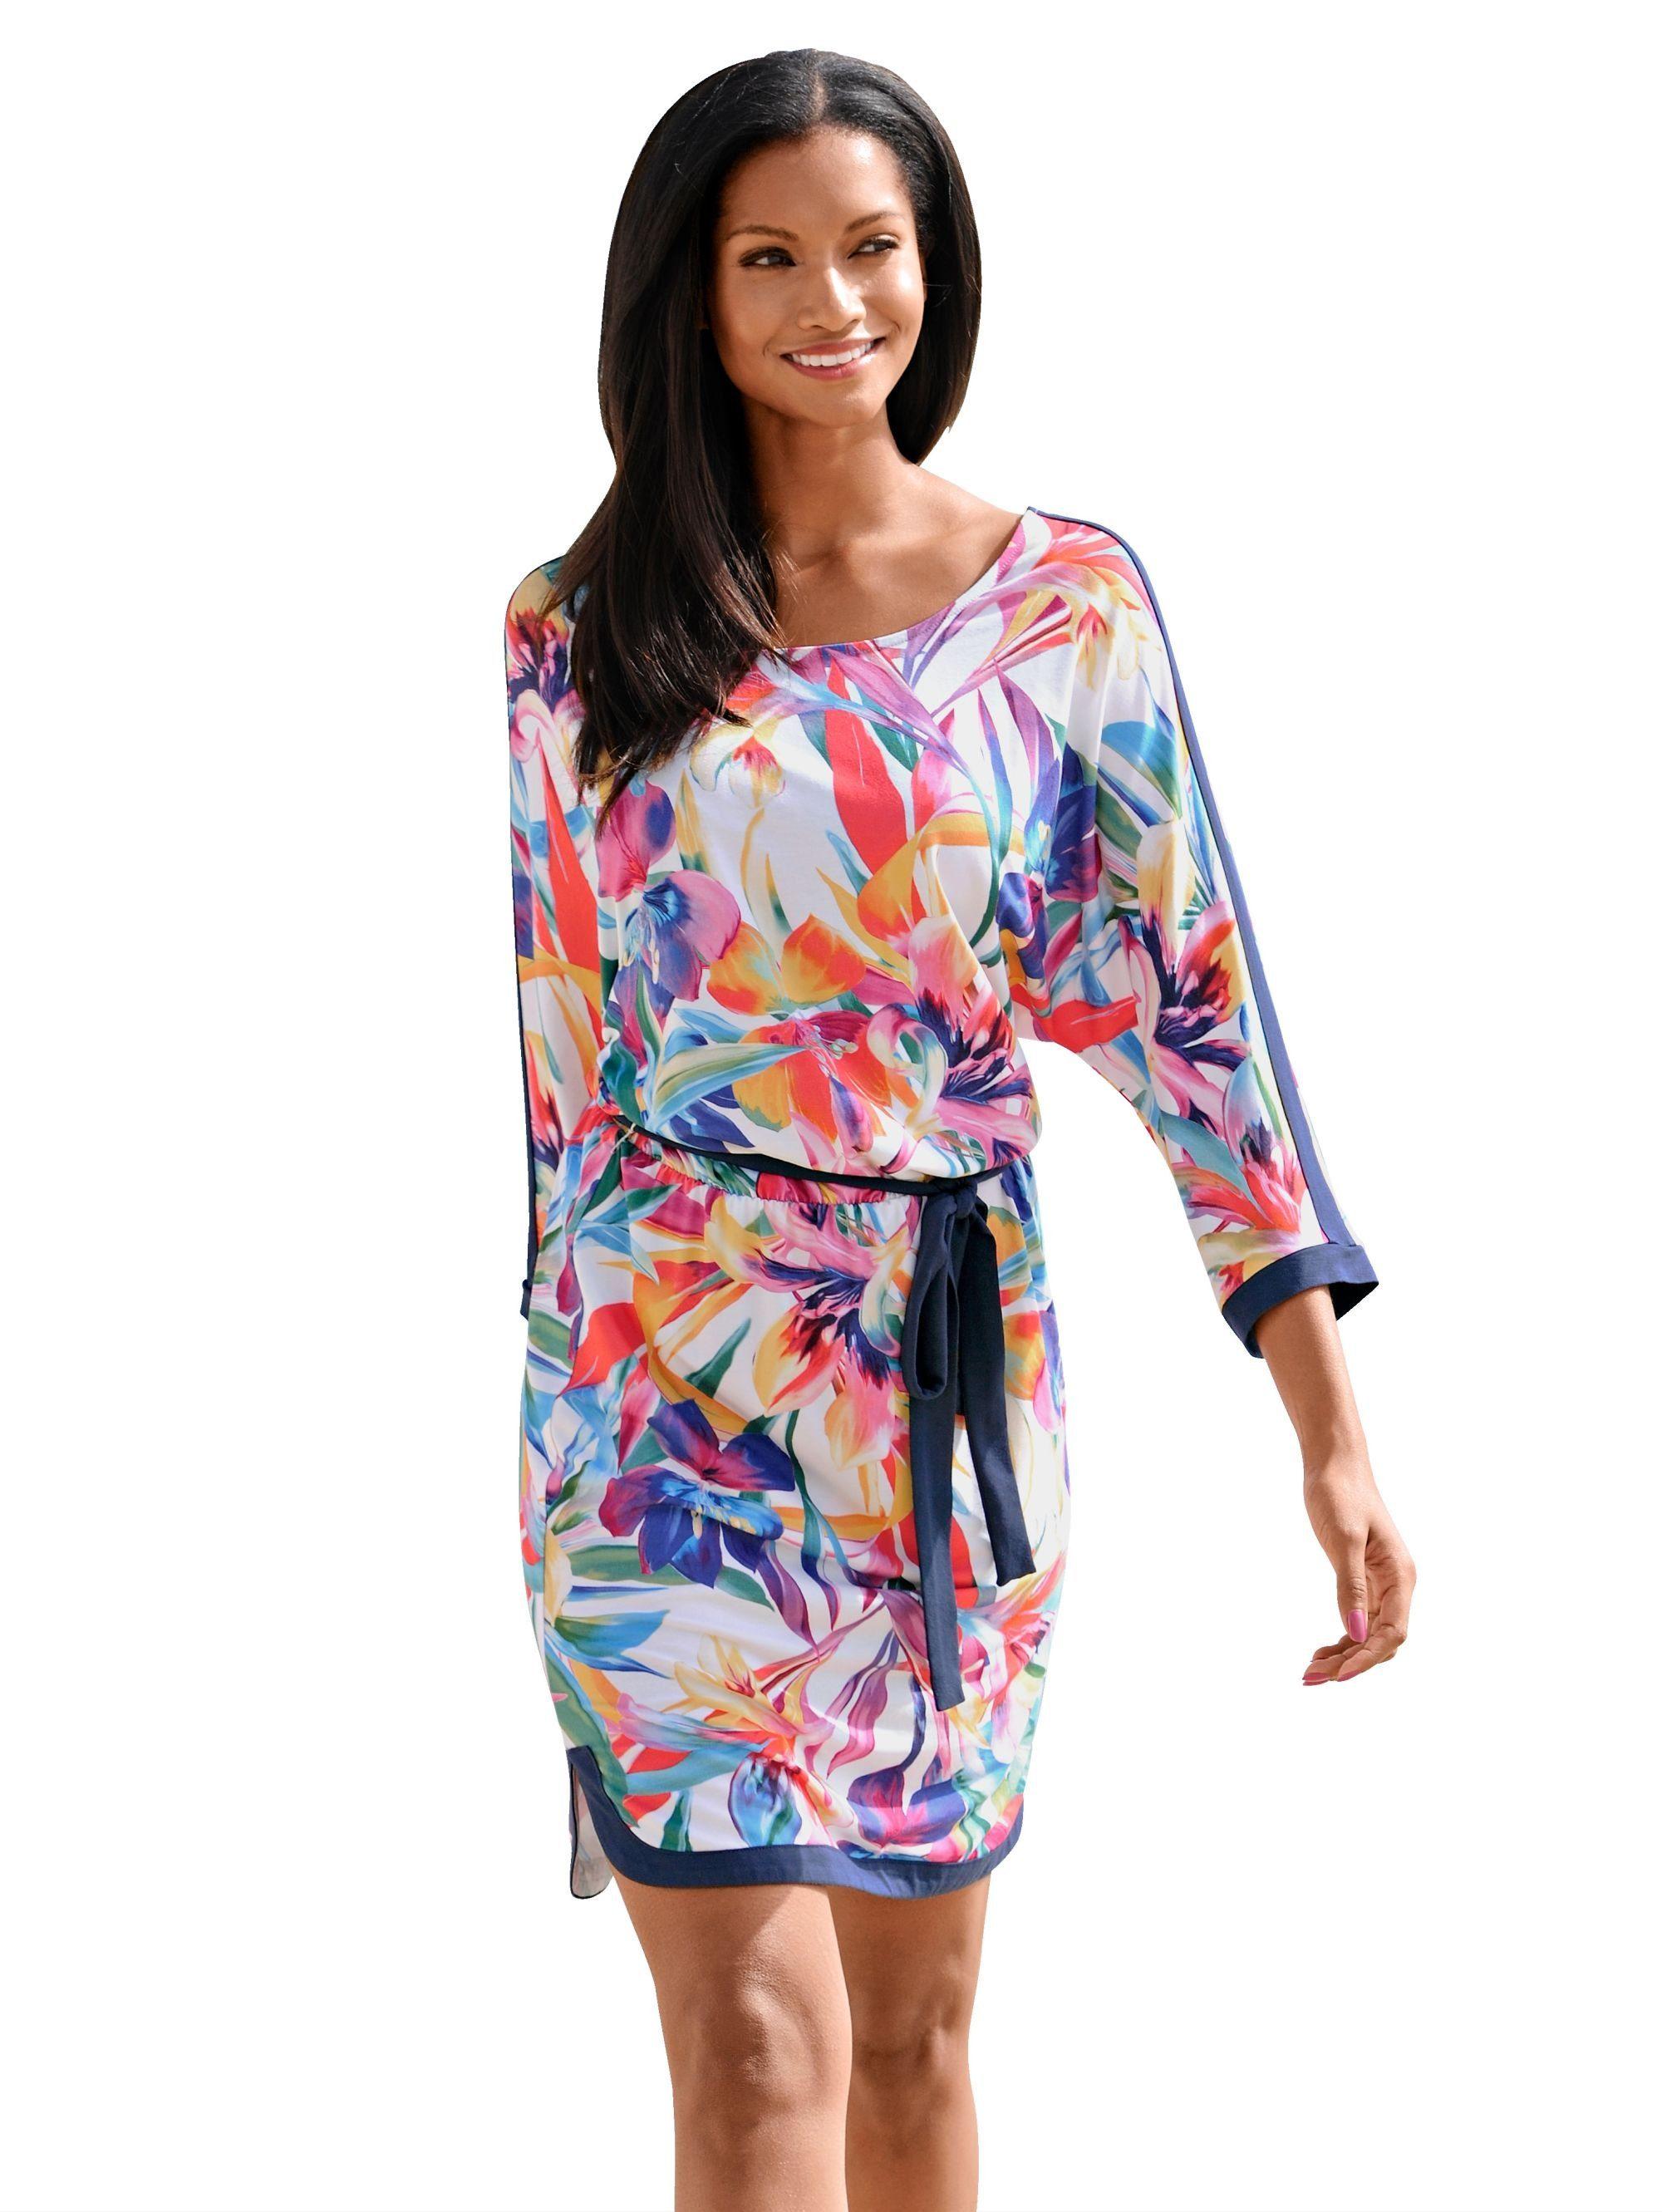 dfc6888ffa6b5e Alba Moda Strandkleid mit paradiesischem Blumendruck